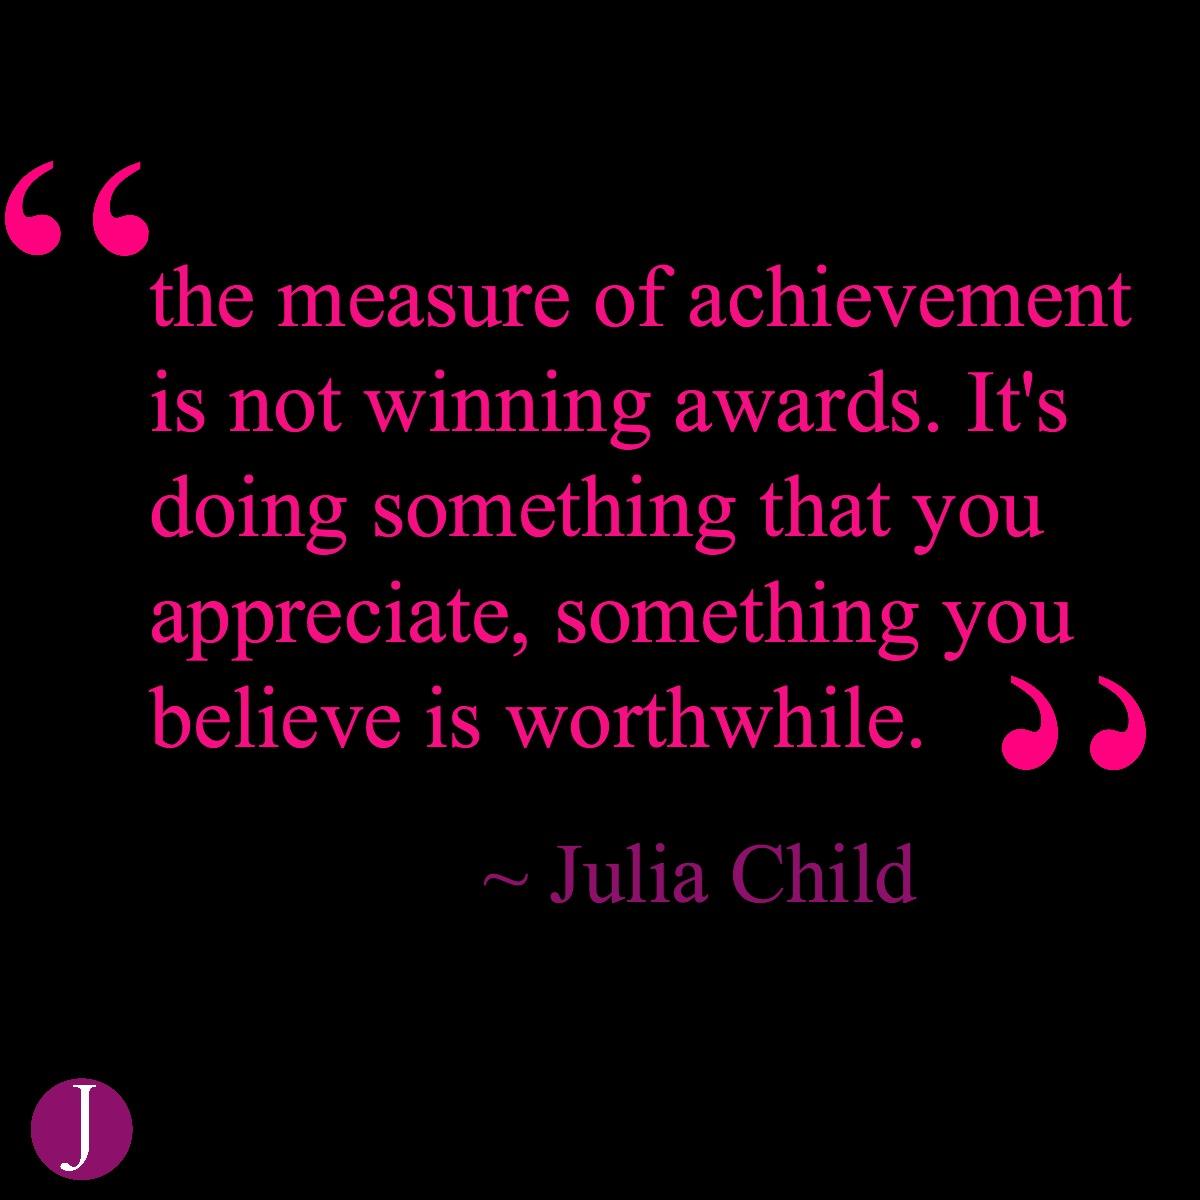 measuring achievement quote.jpeg